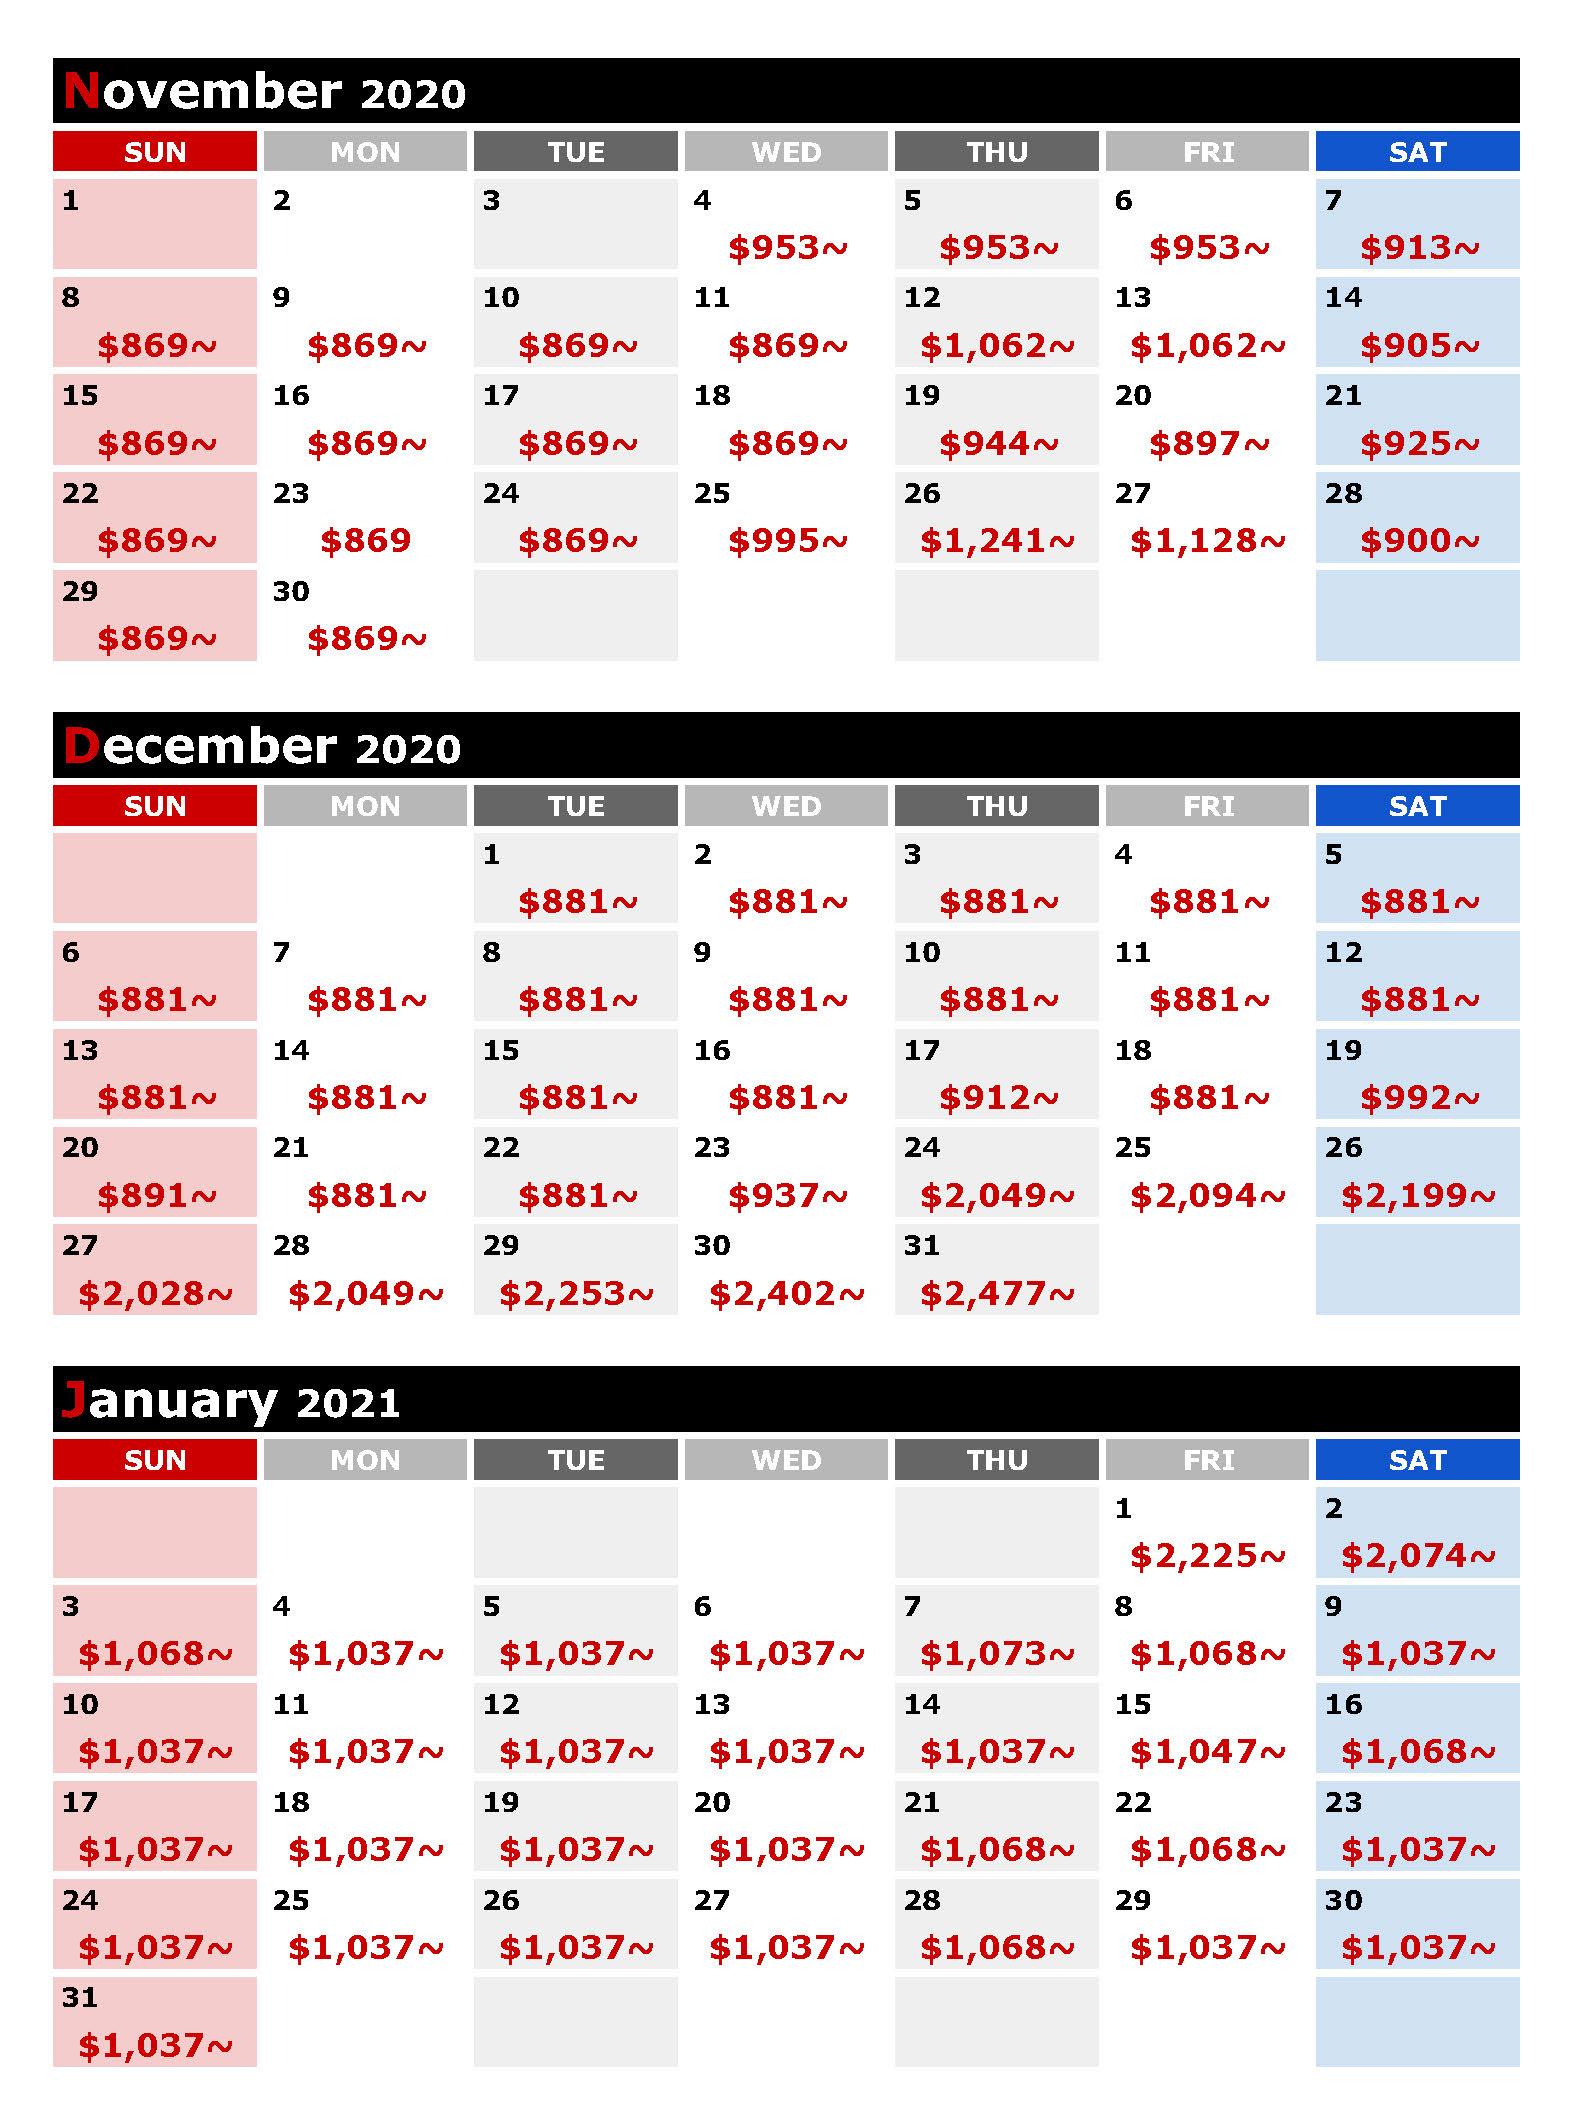 カンクン「航空券+オールインクルーシブホテル3泊パッケージ」料金カレンダー